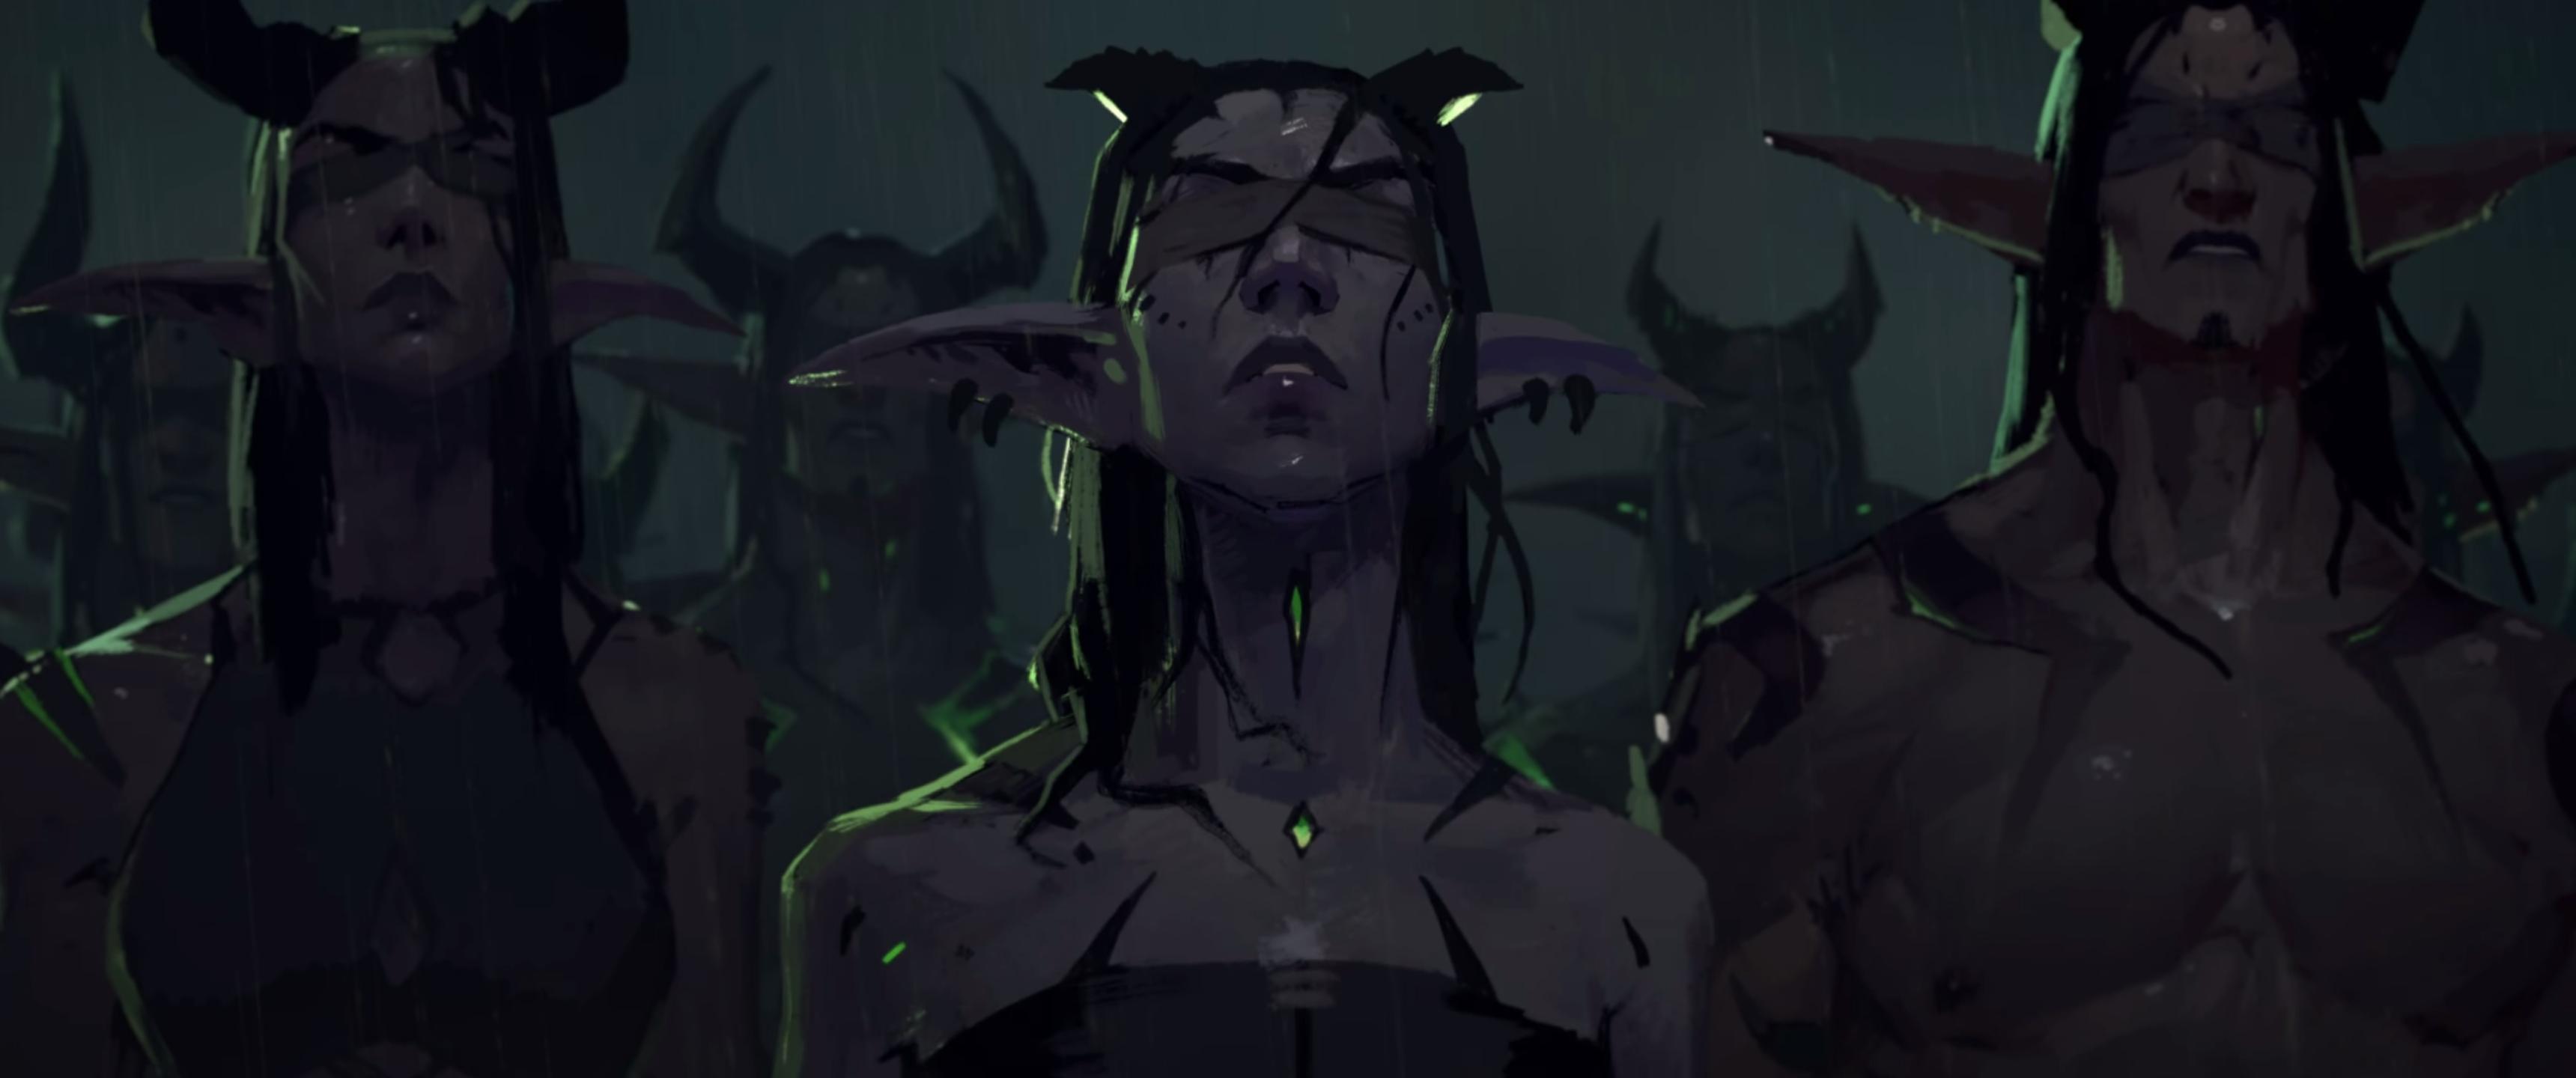 General 3440x1440 World Of Warcraft Blizzard Entertainment Demon